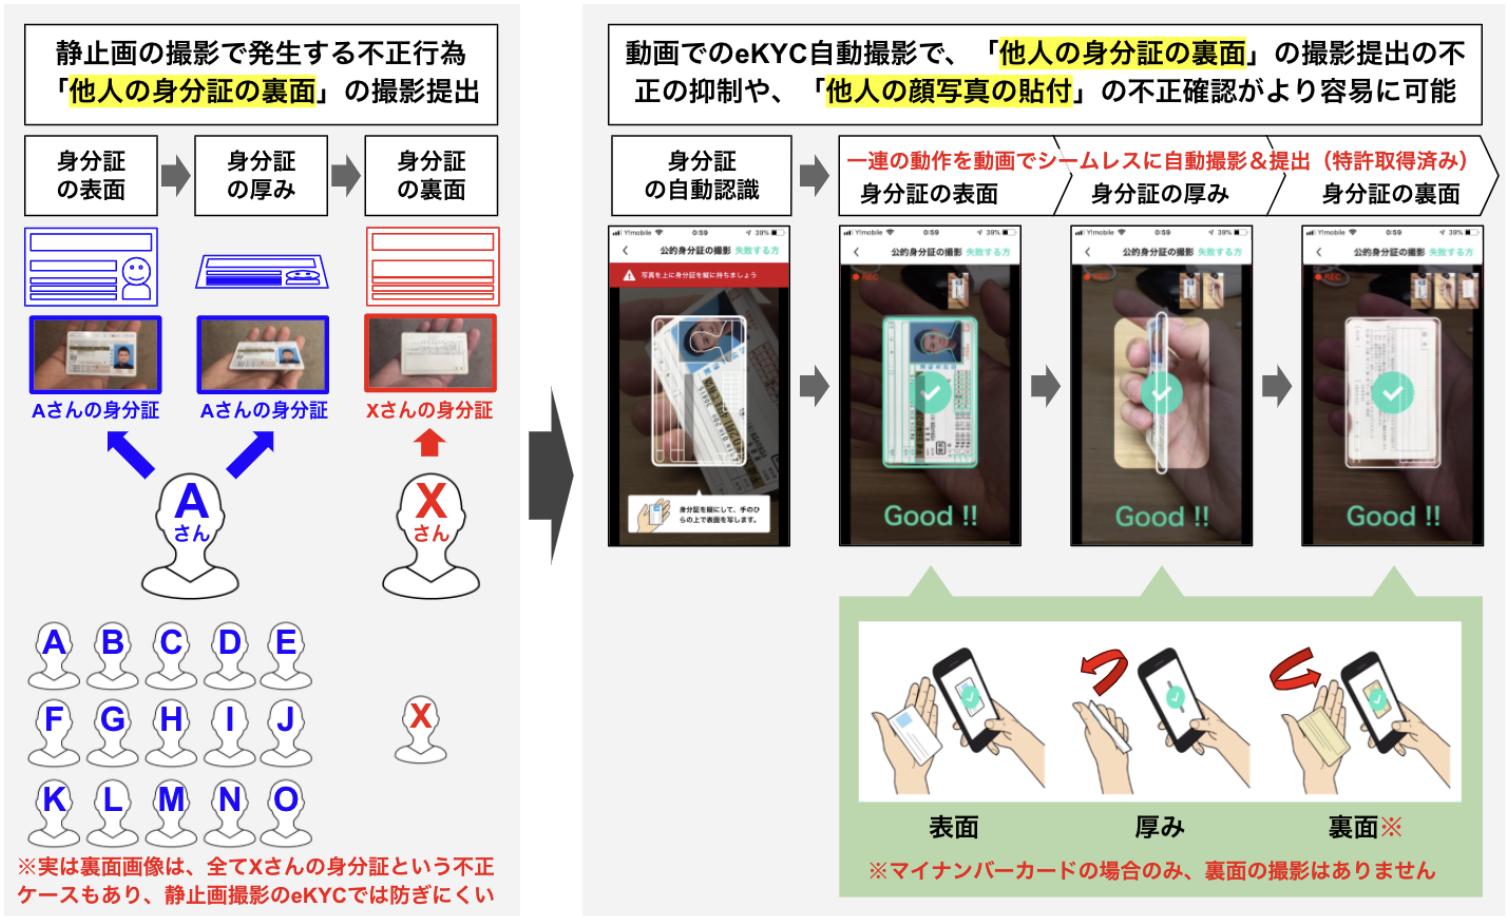 スクリーンショット 2021-05-10 11.25.52